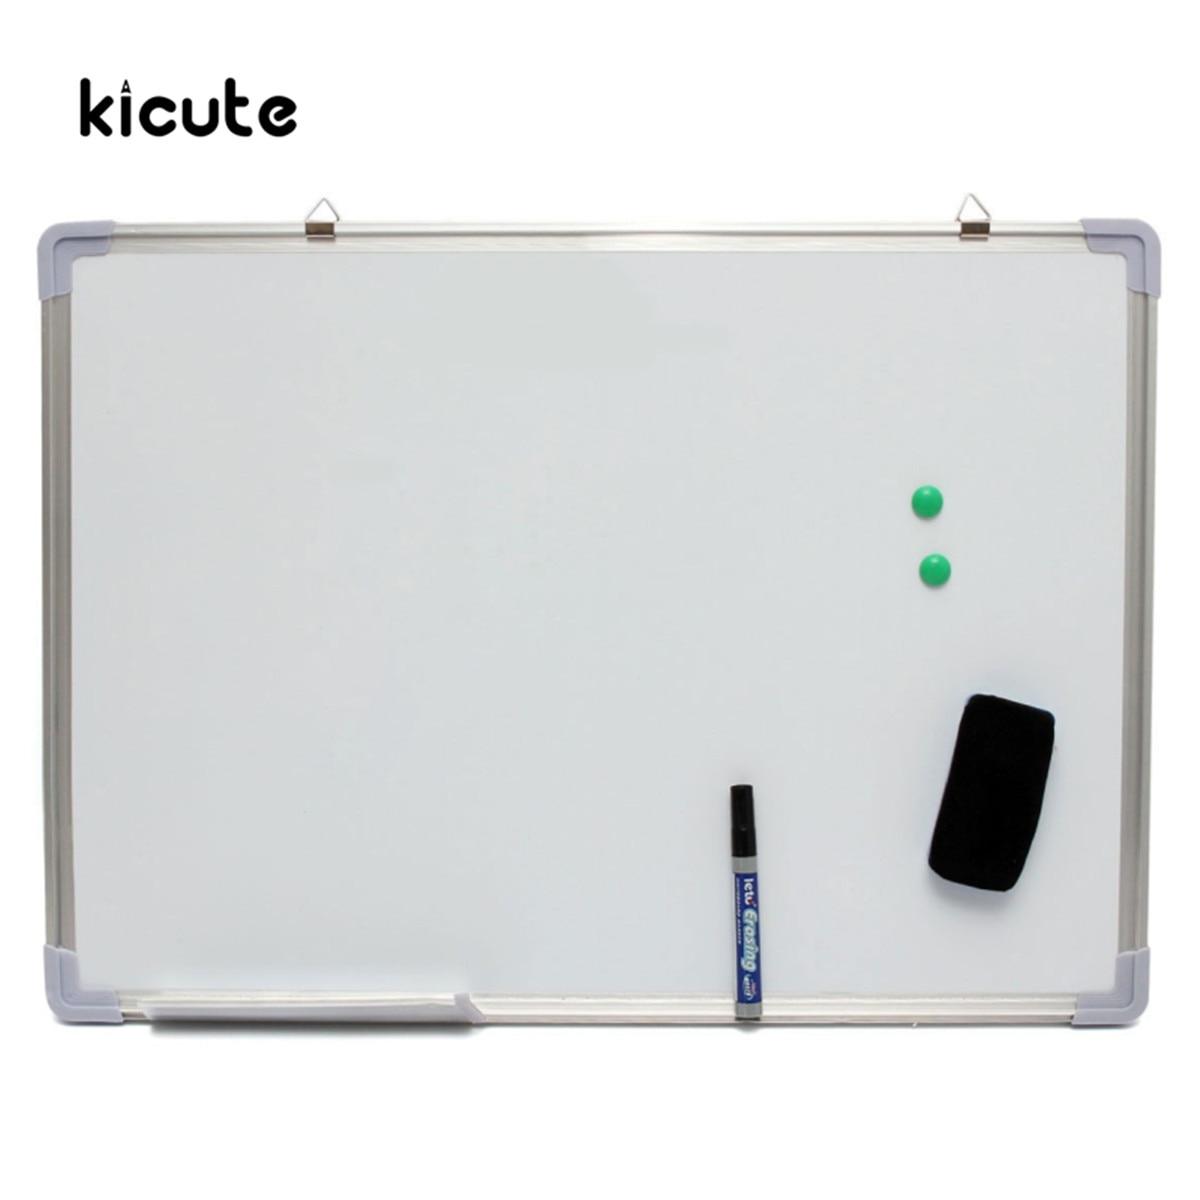 Kicute 500x700 MM tableau blanc effaçable à sec magnétique Double face avec stylo effaçable aimants boutons pour école de bureau